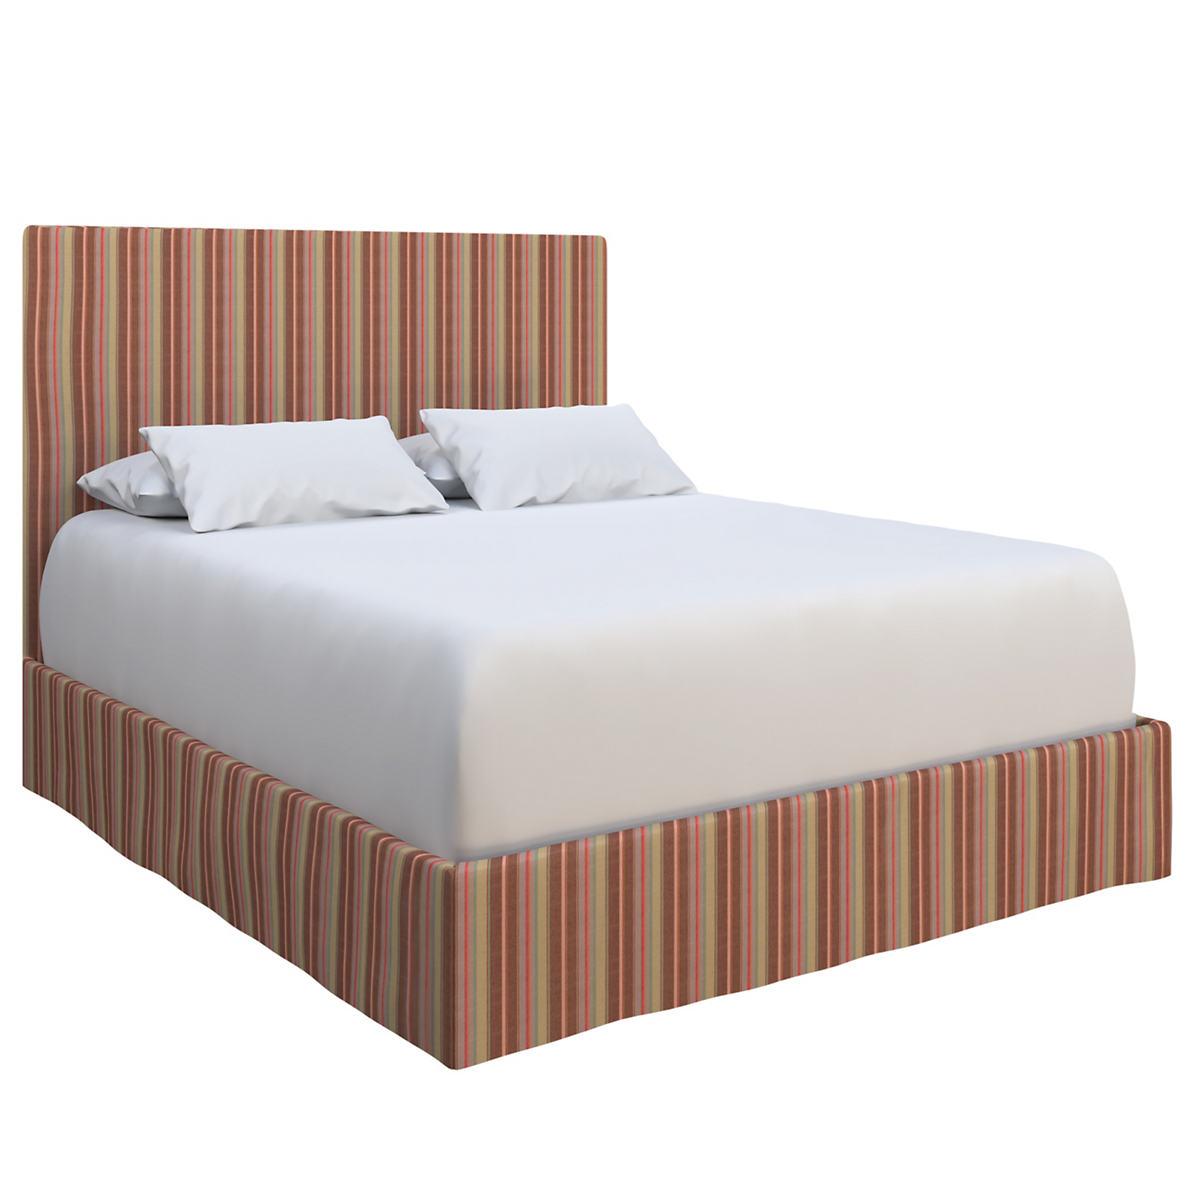 Highclere Stripe Langston Bed